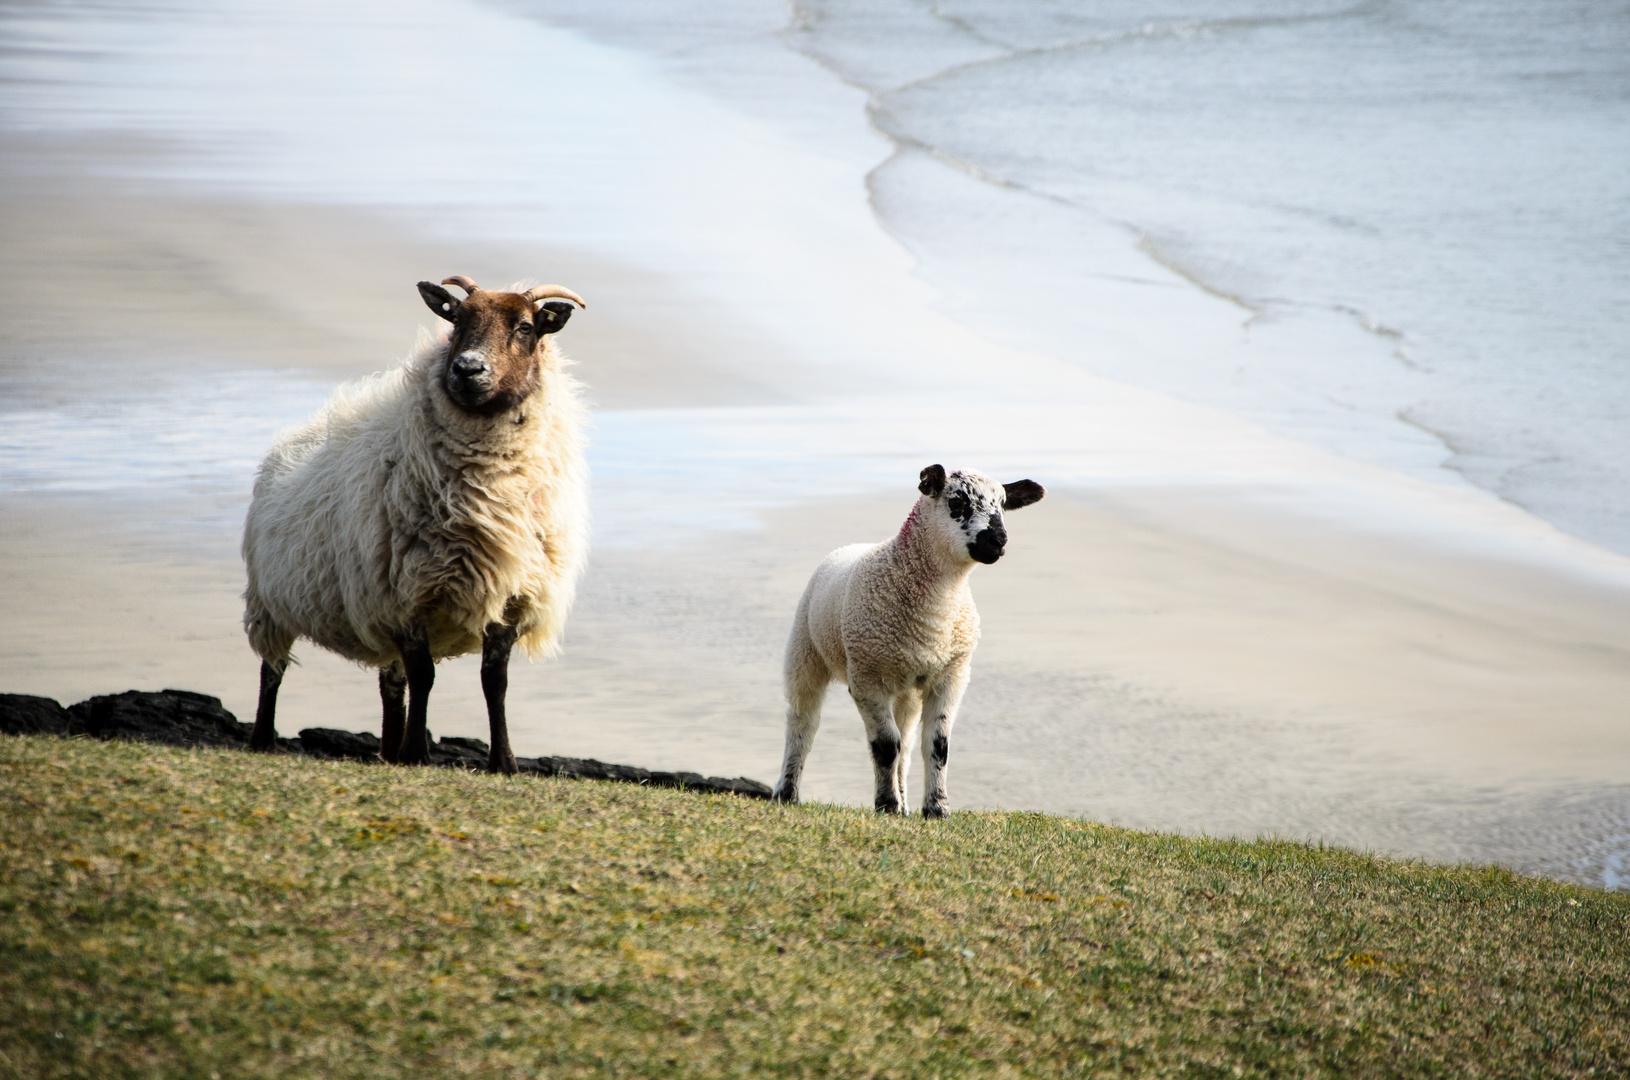 Sea sheeps